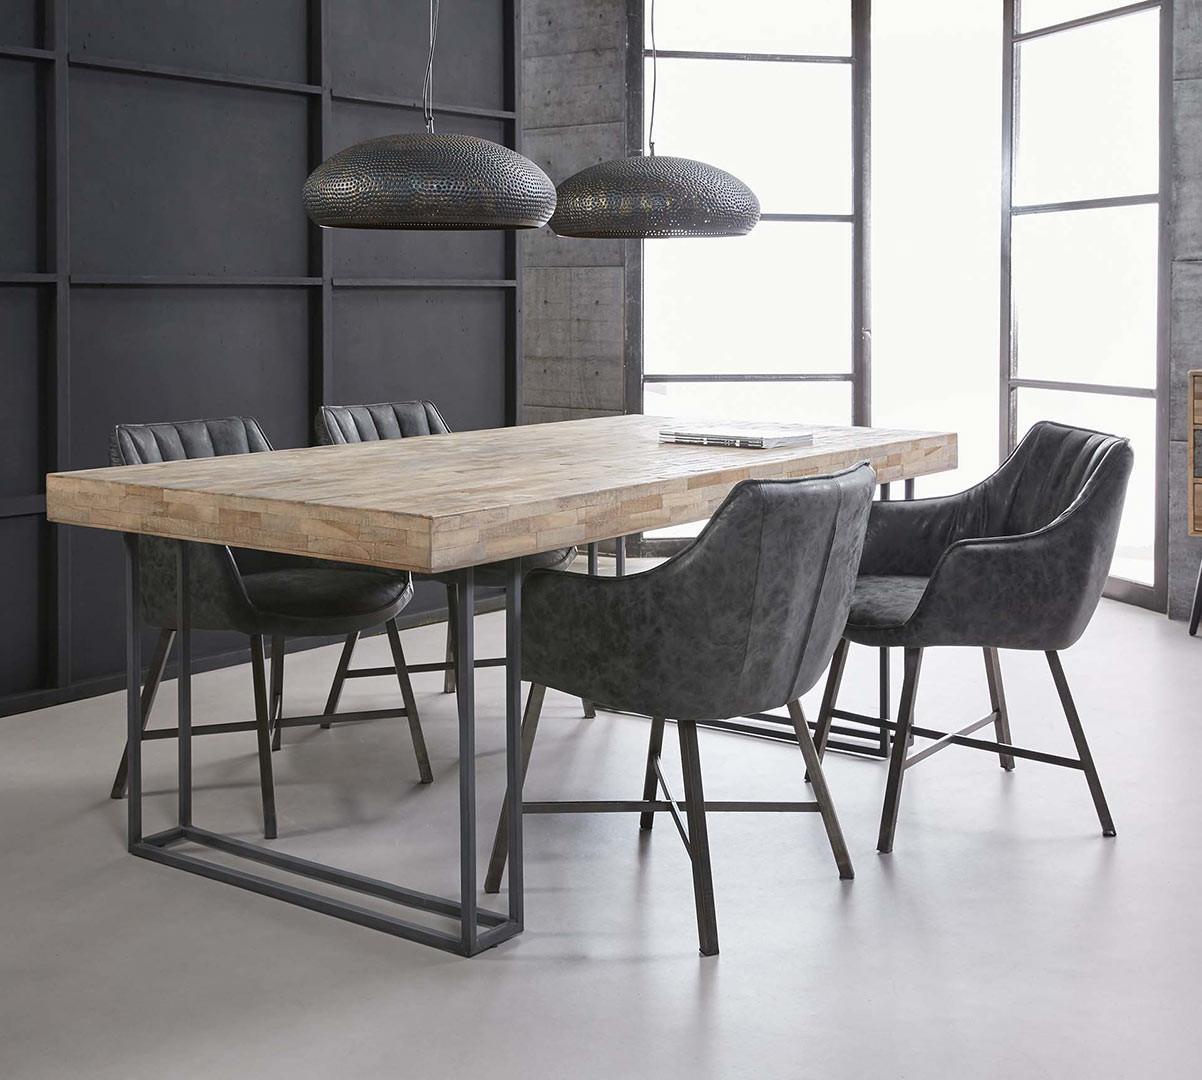 Table de salle à manger contemporaine en bois avec piétement en acier Pascale